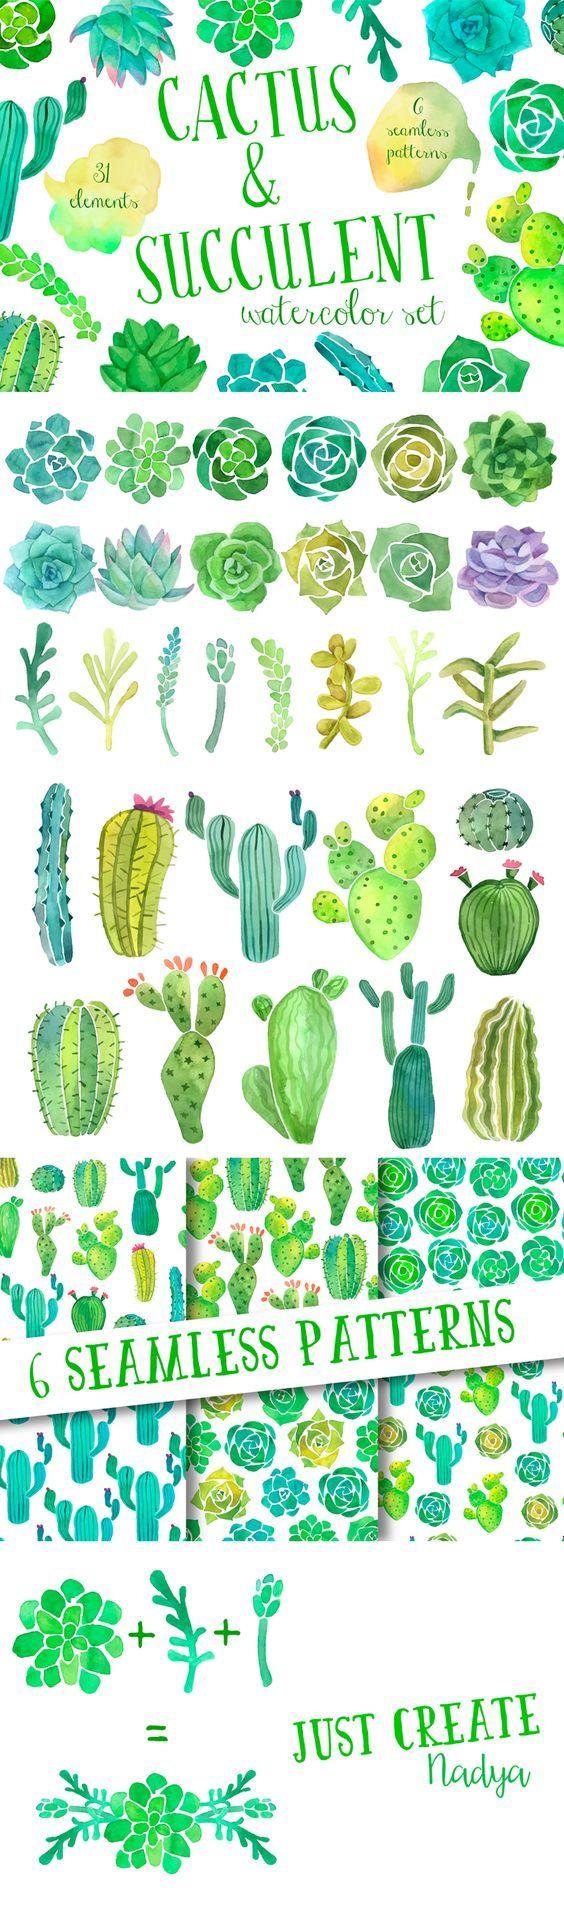 combinación ganadora: cactus+suculentas+acuarelas